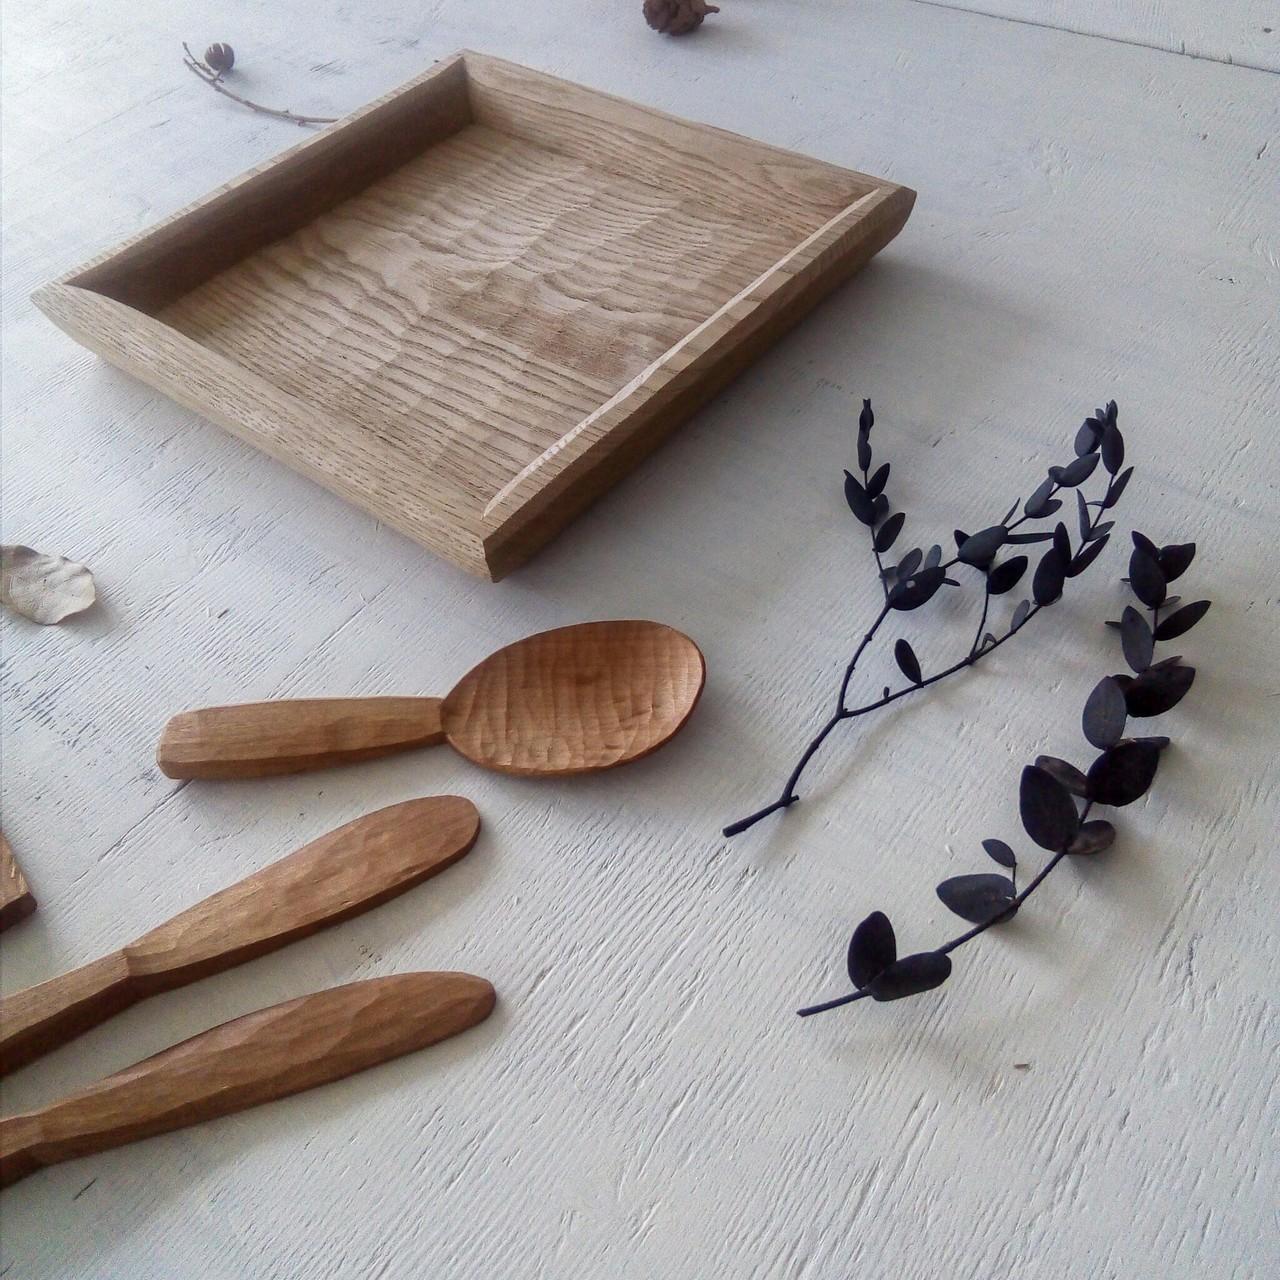 トレイ皿と木のスプーン。飾り台やトレイ、お皿。